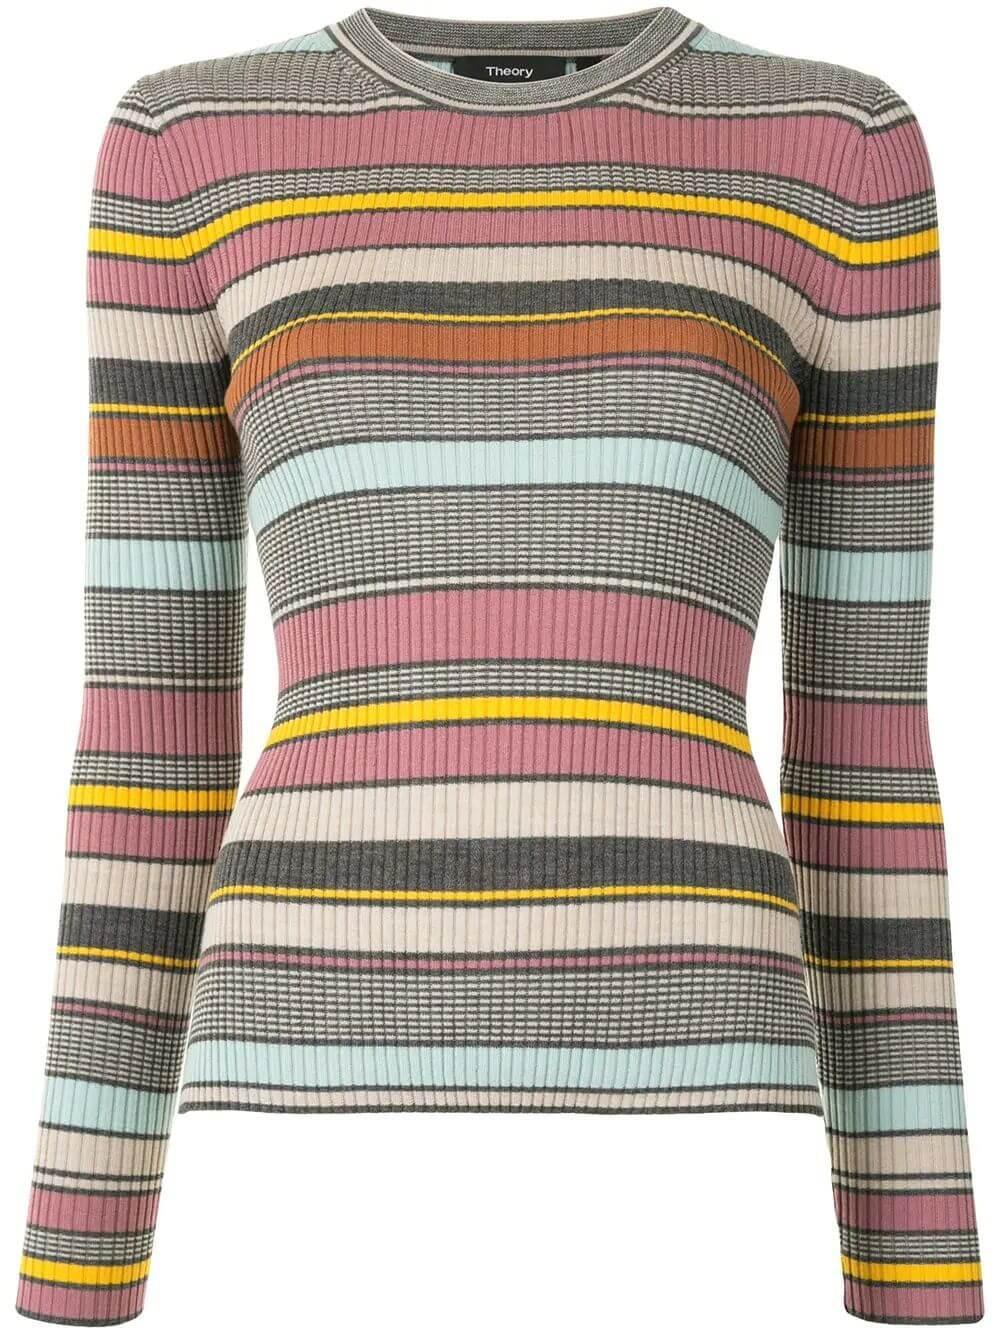 Regal Stripe Sweater